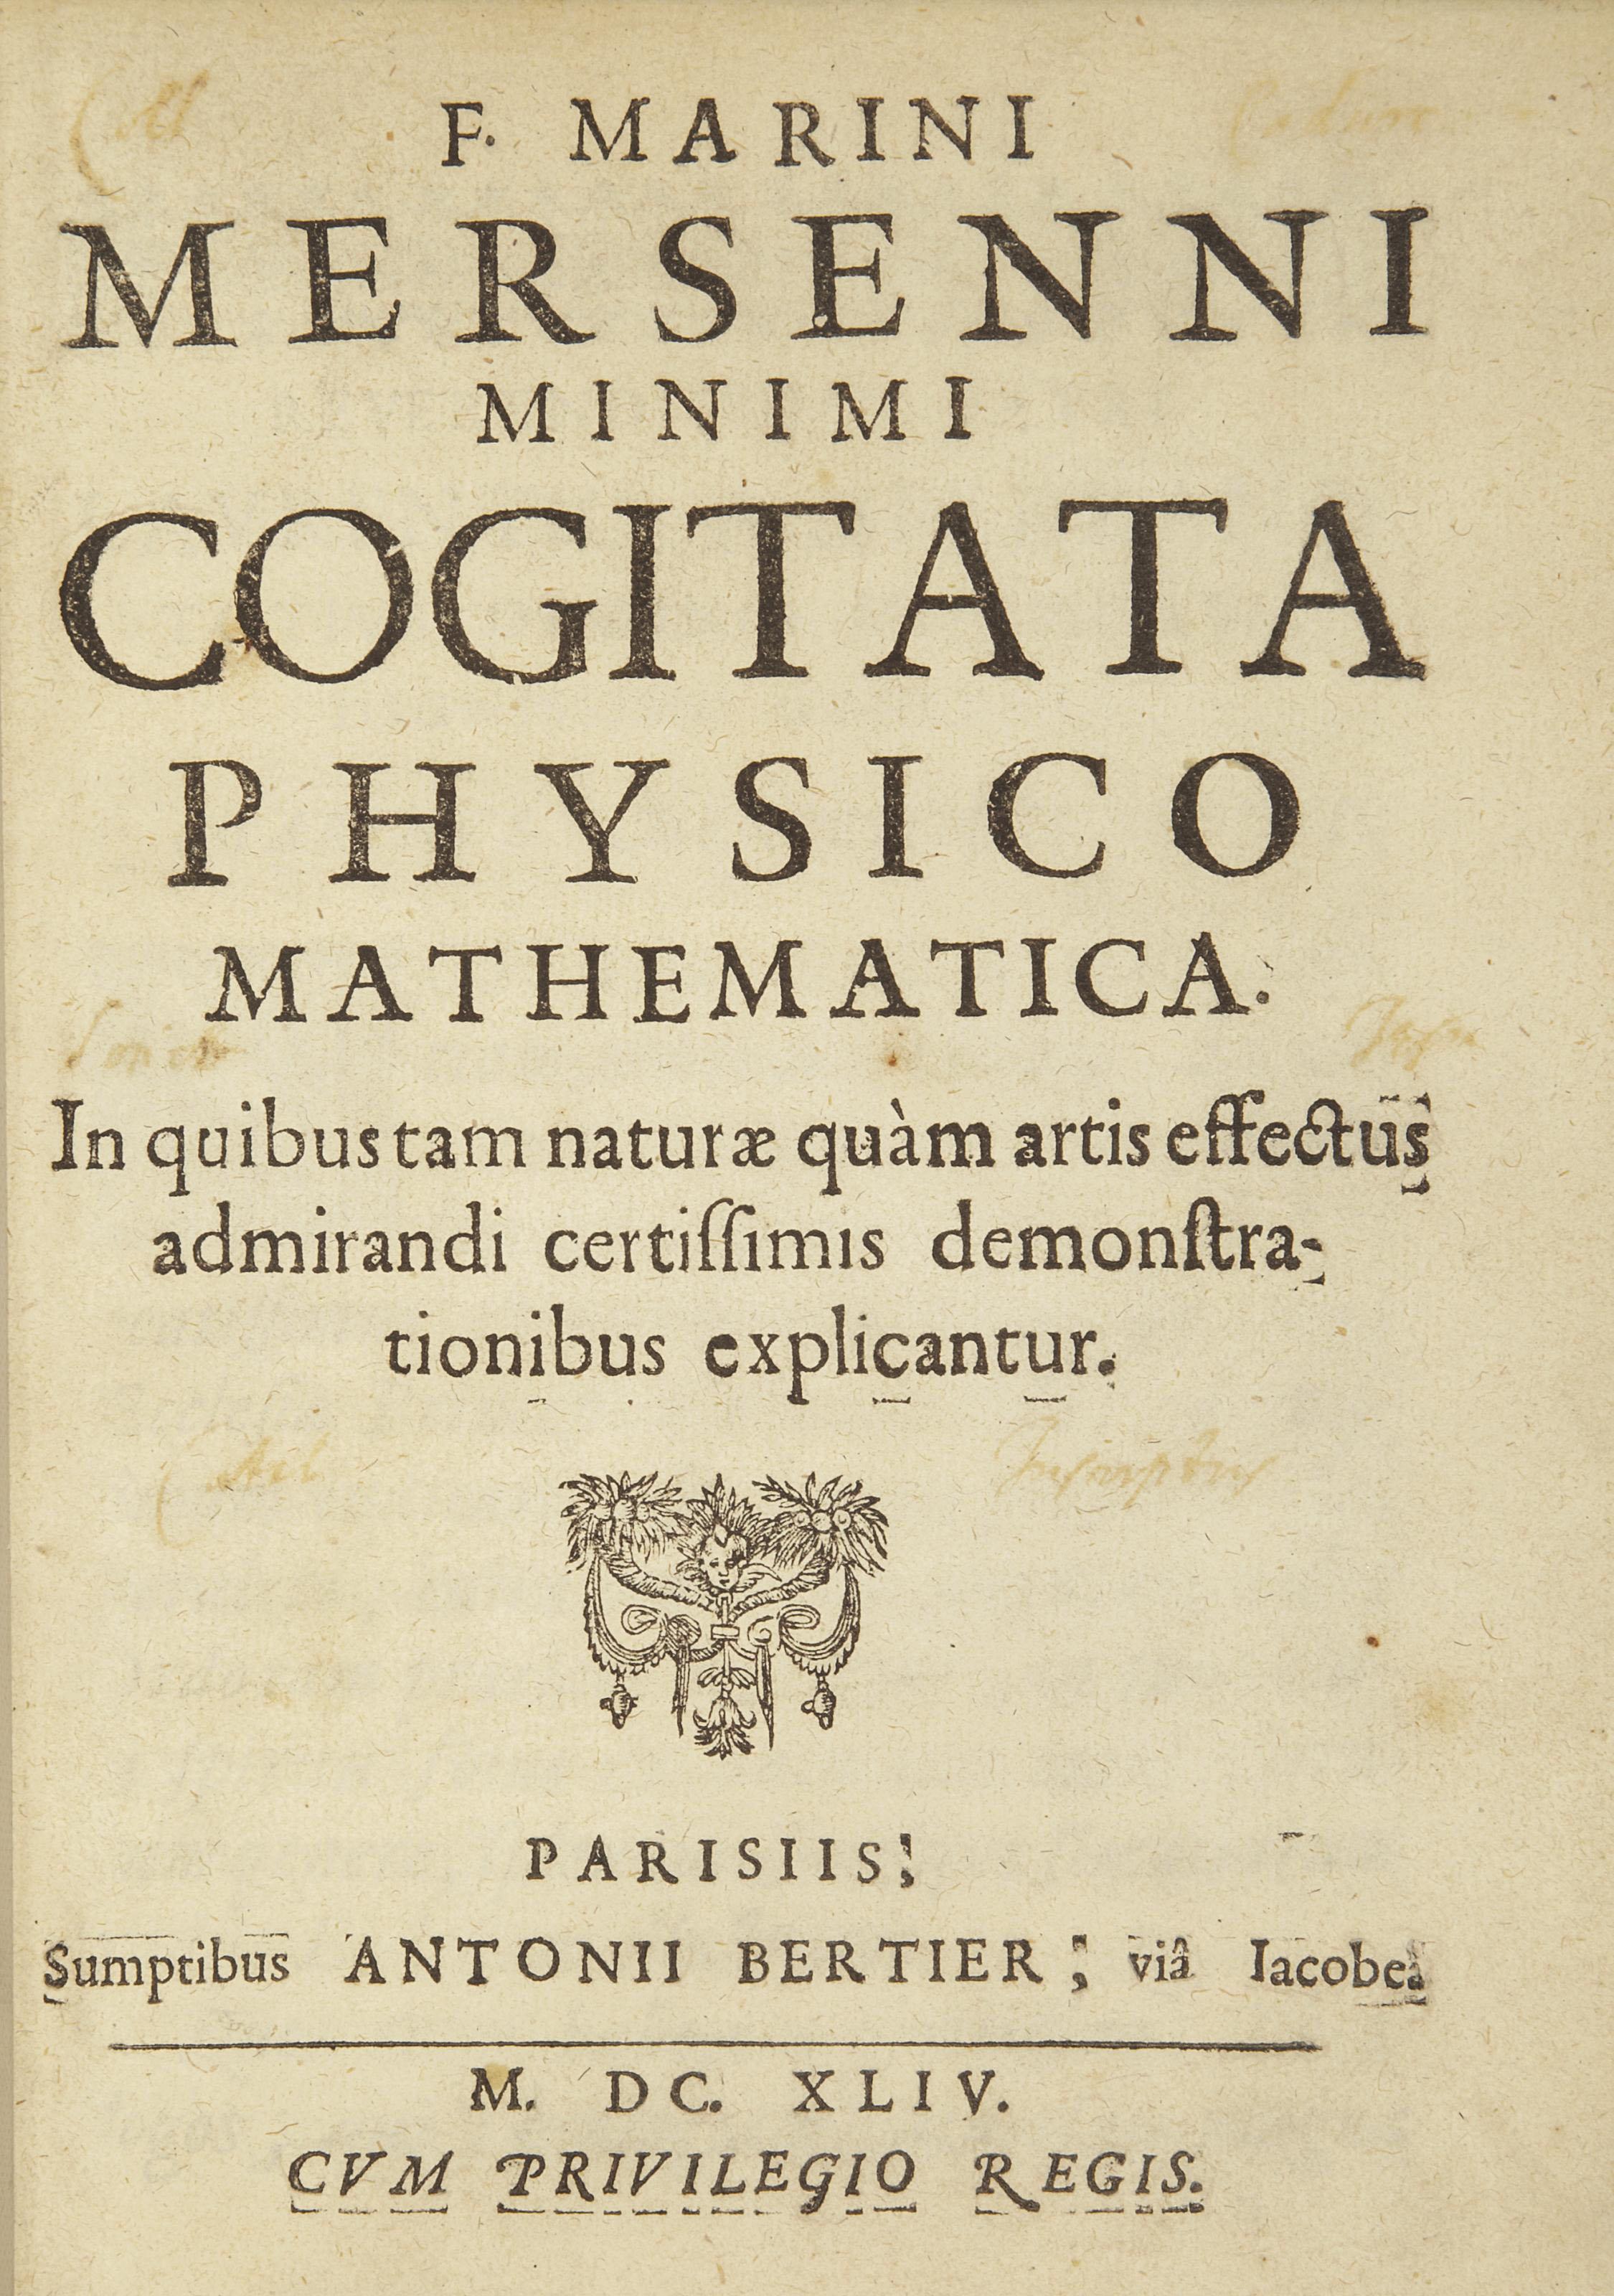 MERSENNE, Marin (1588-1648). Cogitata physico mathematica. In quibus tam naturae quam artis effectus admirandi certissimis demonstrationibus explicantur. Paris: Antoine Bertier, 1644.